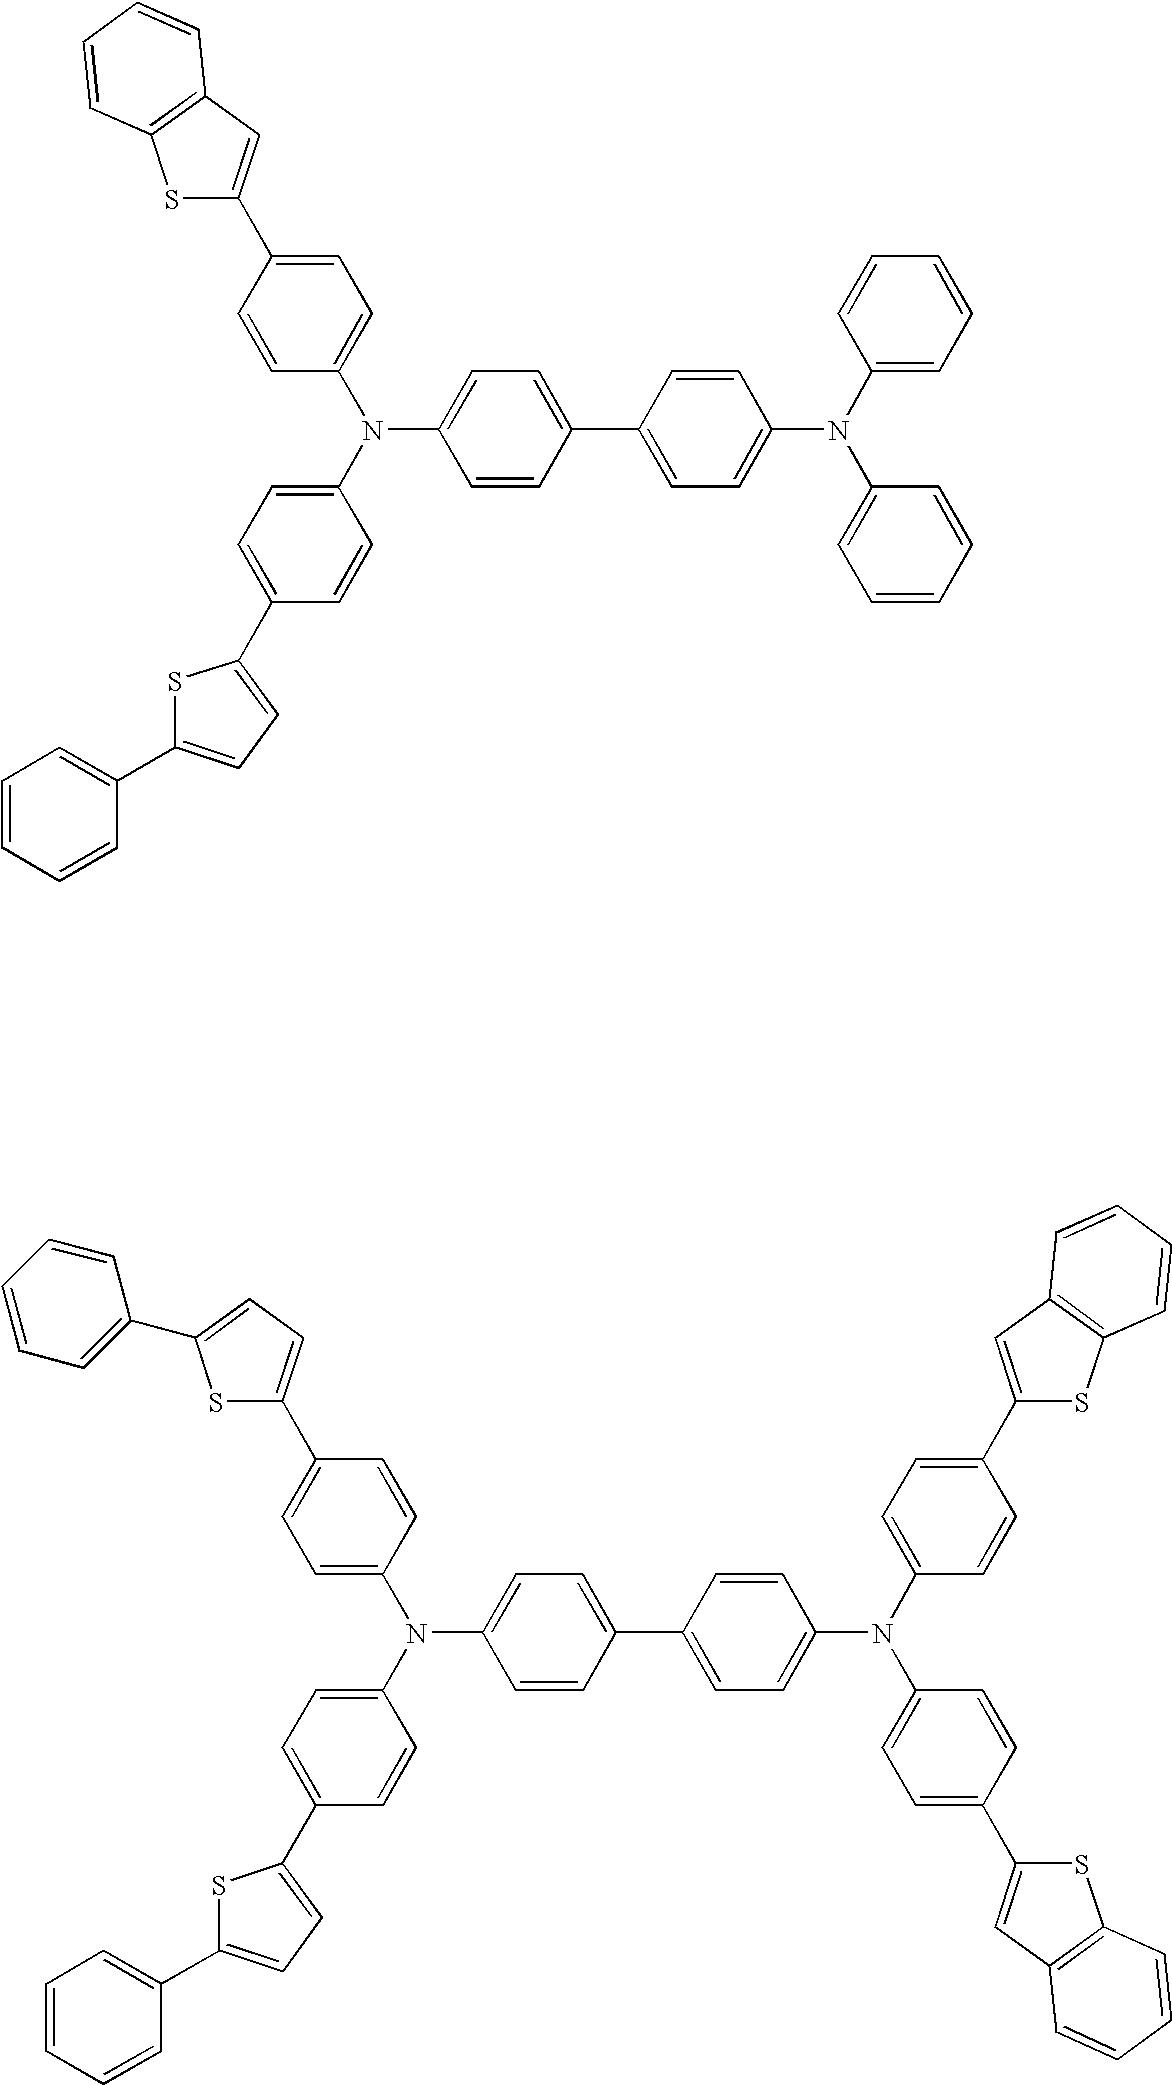 Figure US20090066235A1-20090312-C00024